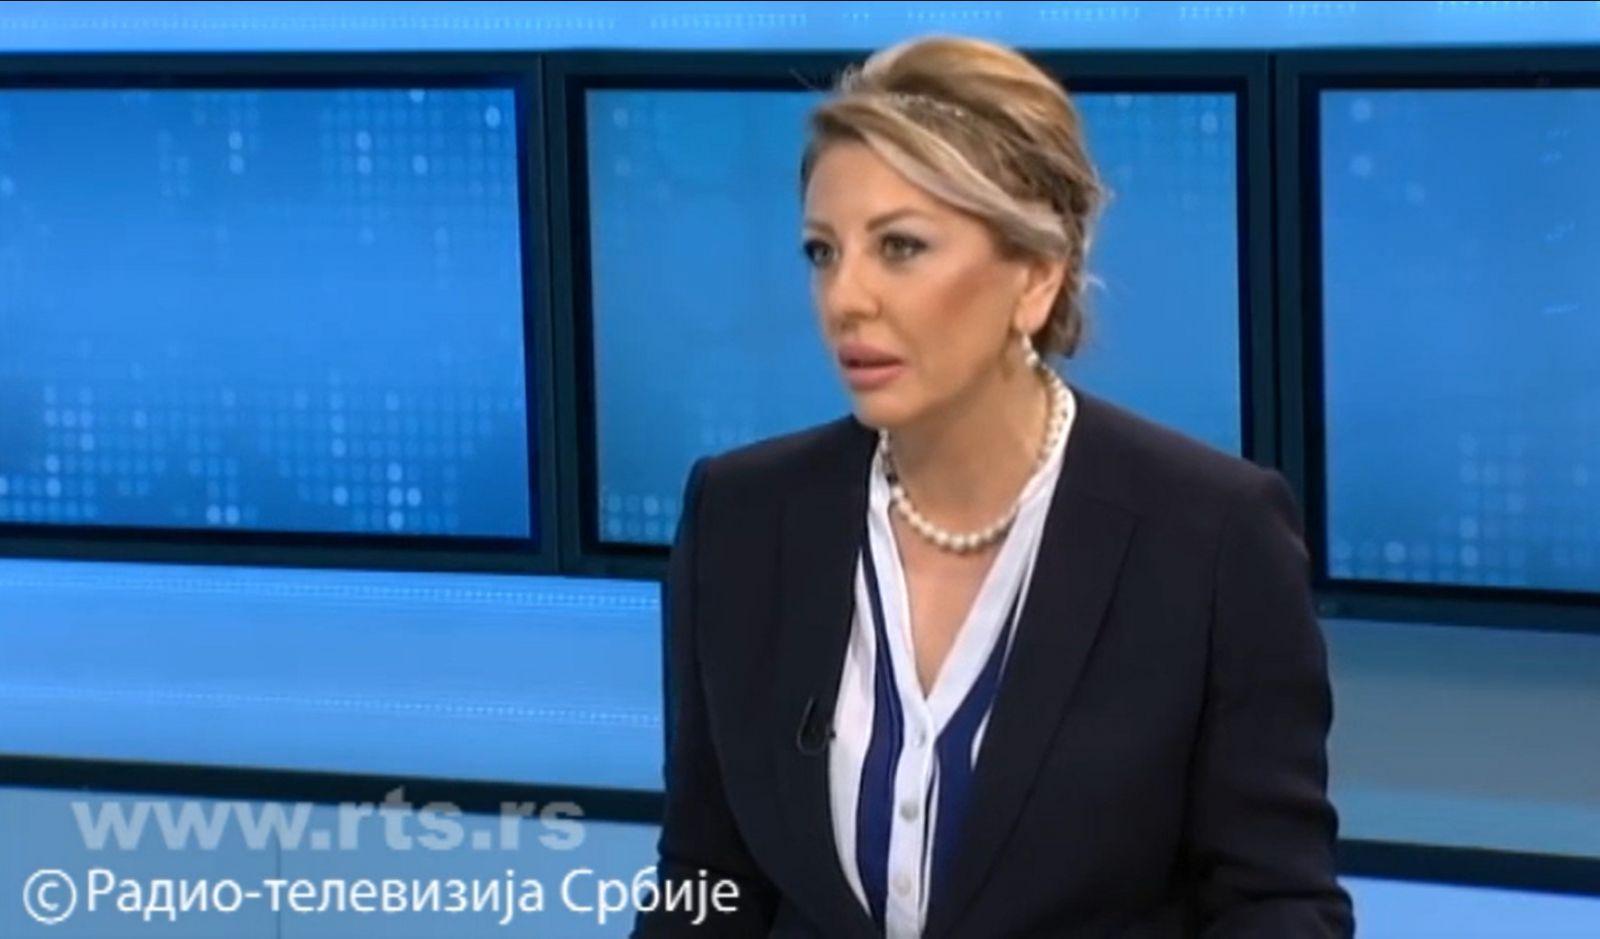 Ј. Јоксимовић: Тражили да се констатује отварање кластера 1